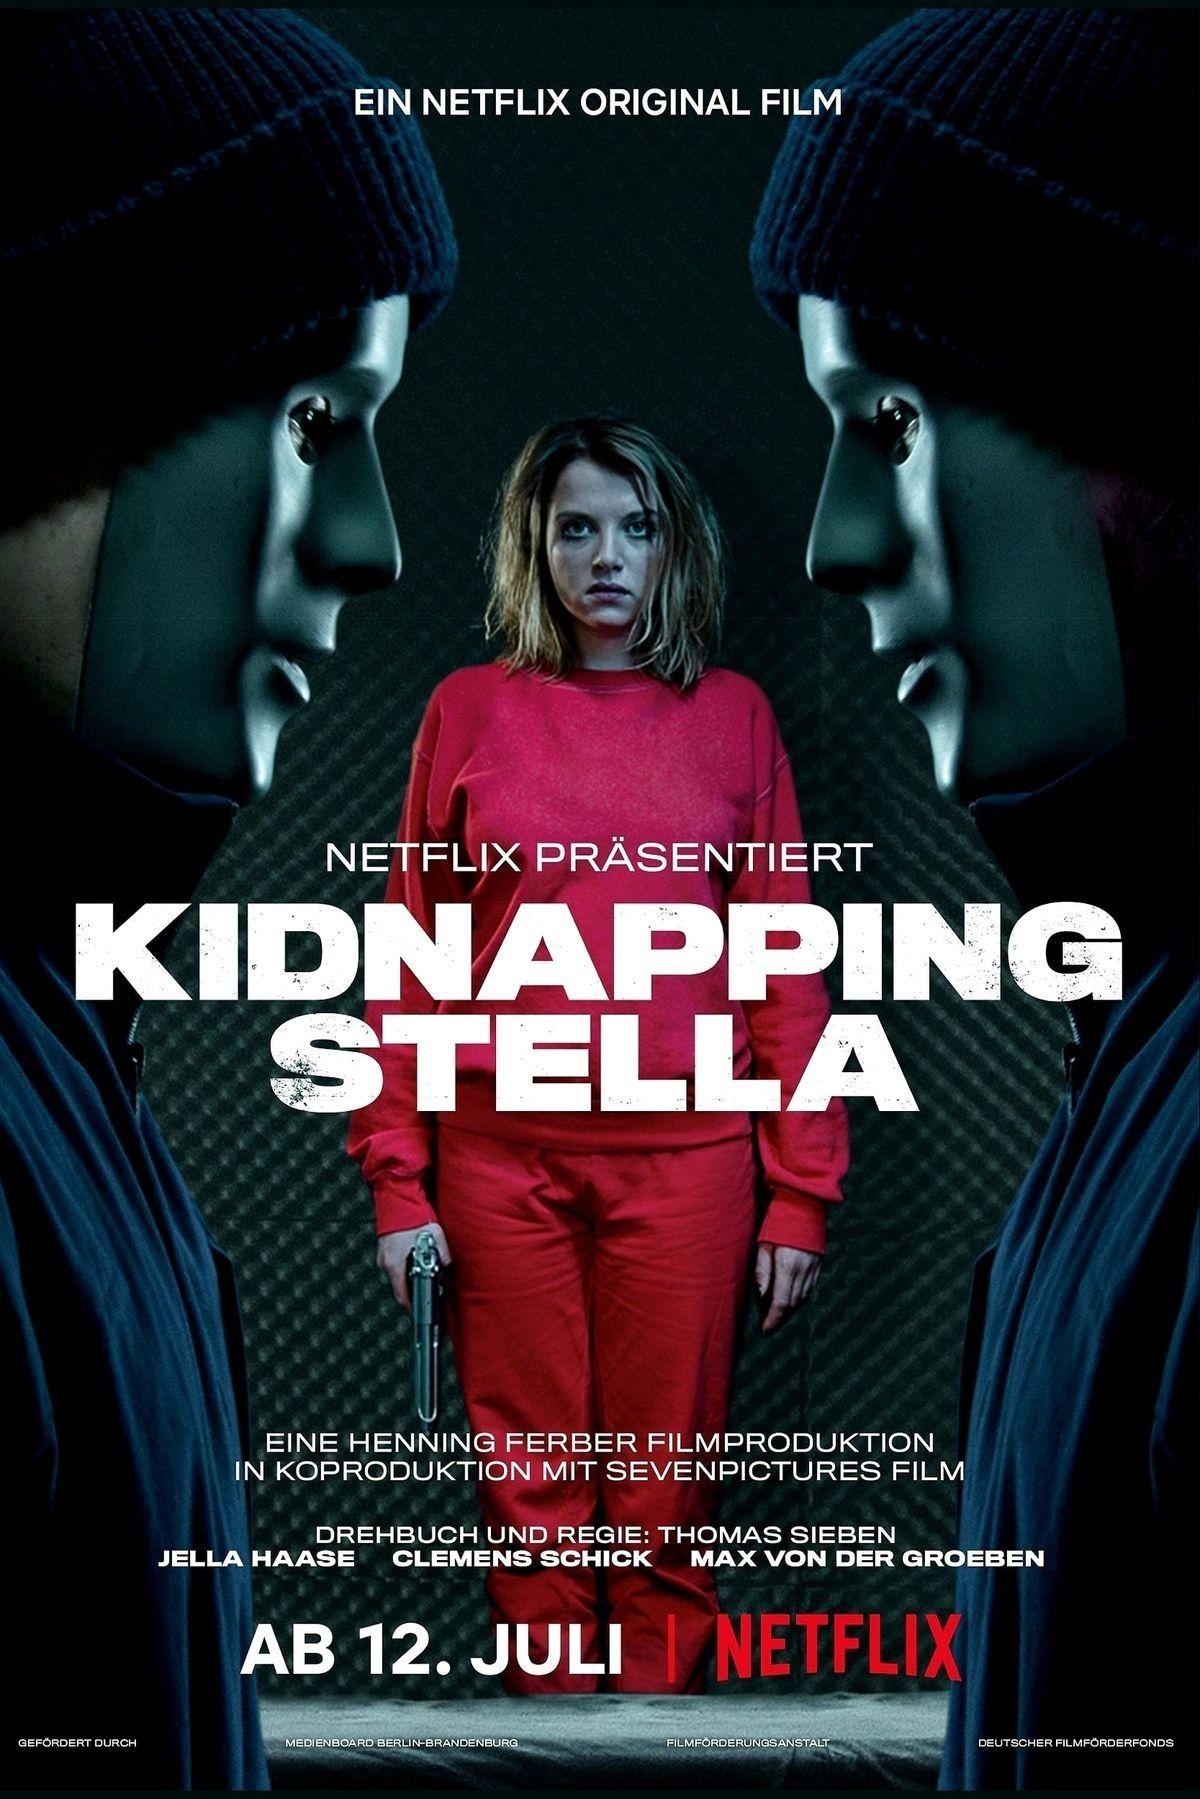 El Secuestro De Stella 2019 Películas Completas Secuestro Ver Peliculas Completas